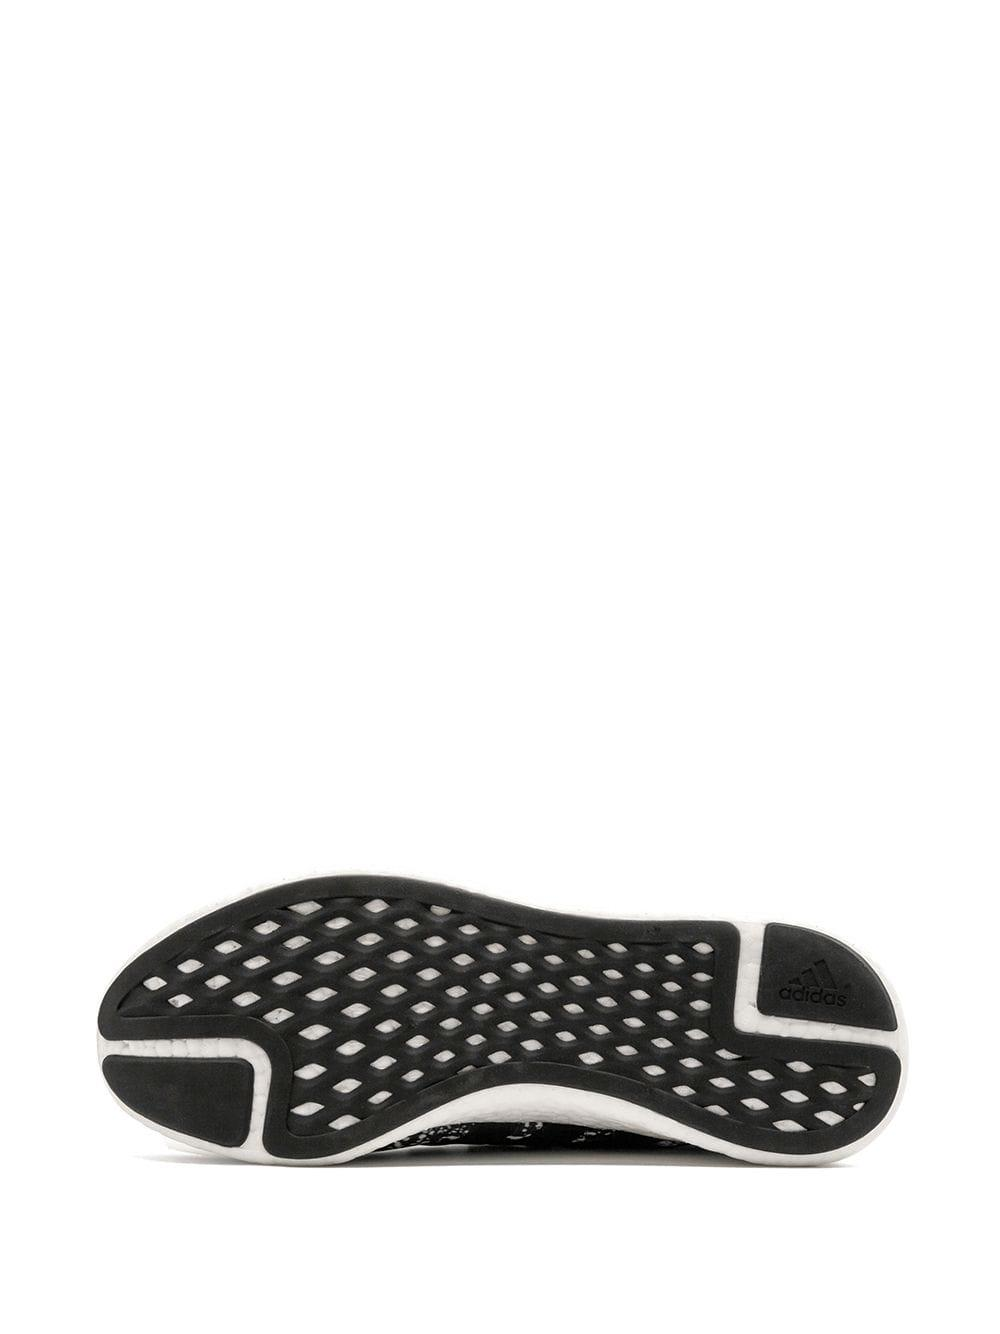 Zapatillas PureBoost adidas de Caucho de color Negro